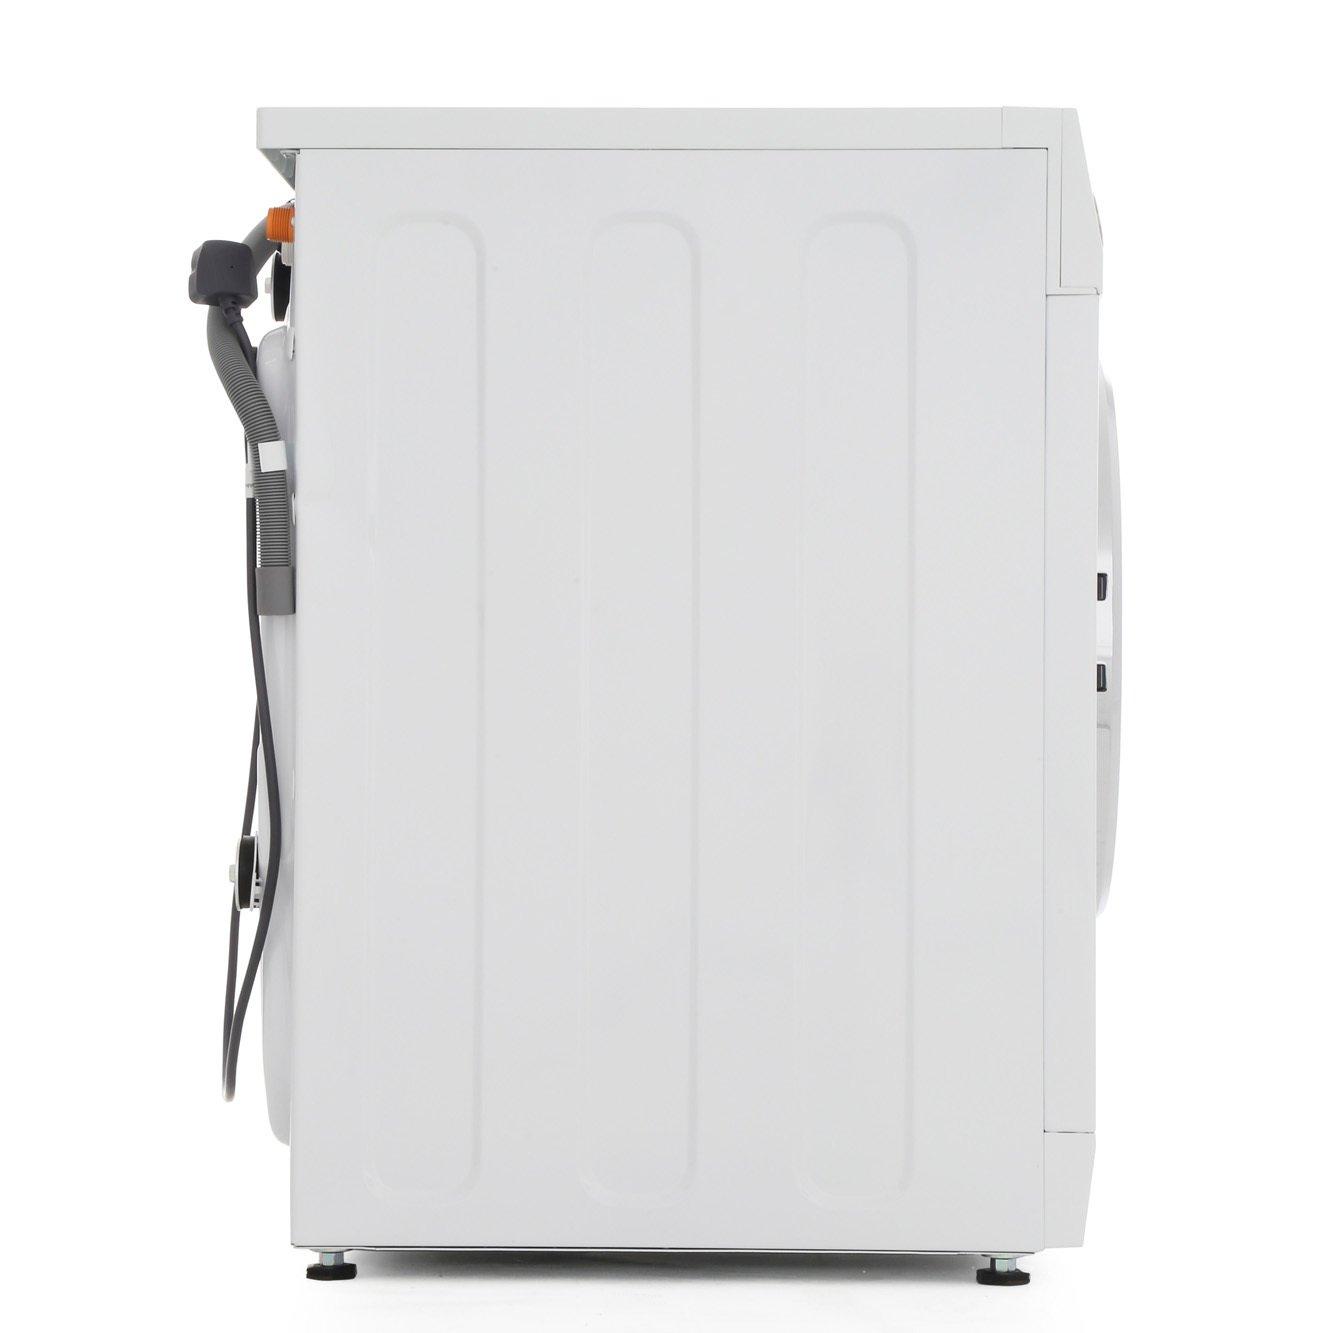 Buy Fisher & Paykel WM1490P1 Washing Machine (98138 ...